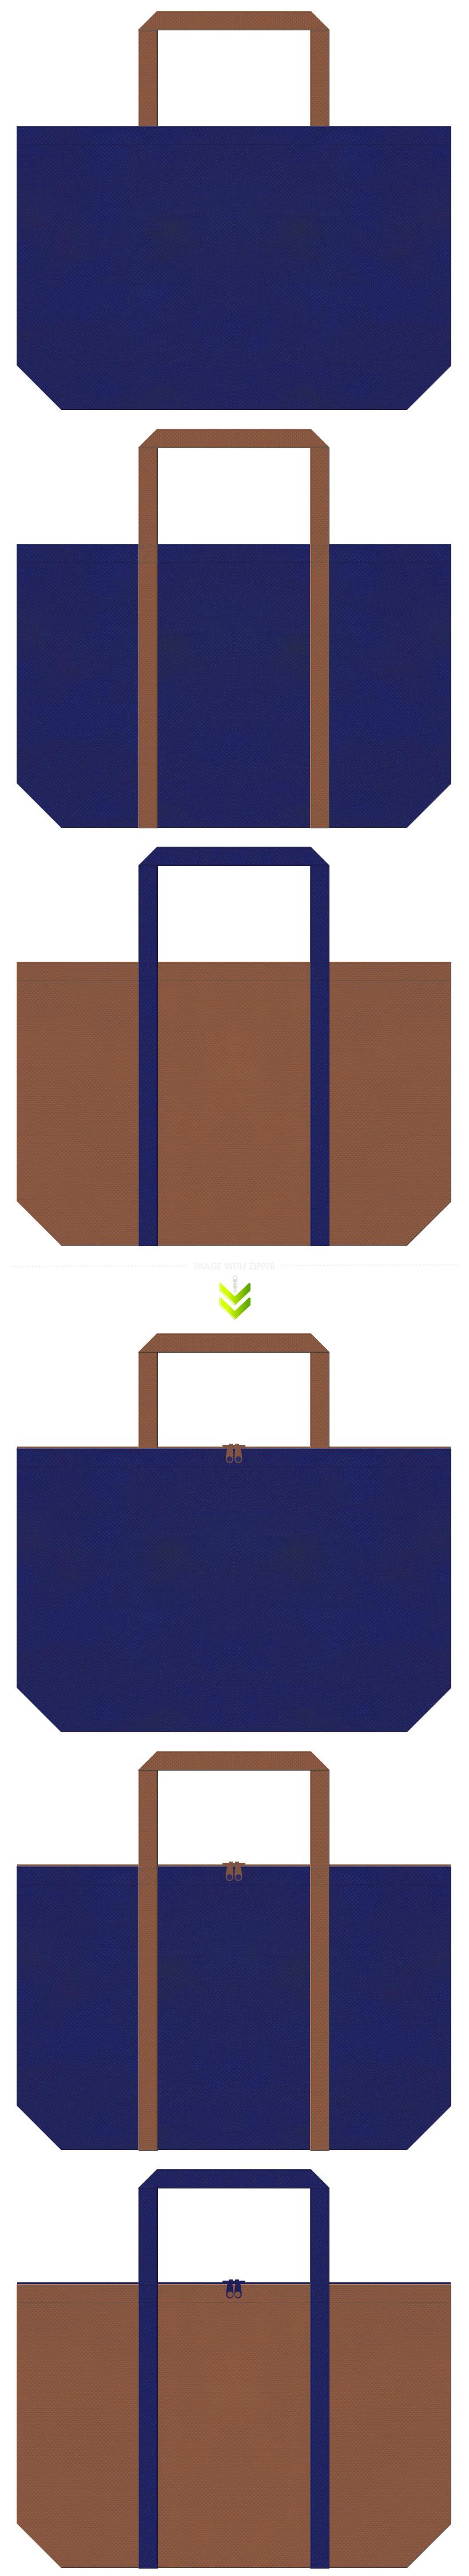 明るい紺色と茶色の不織布エコバッグのデザイン。